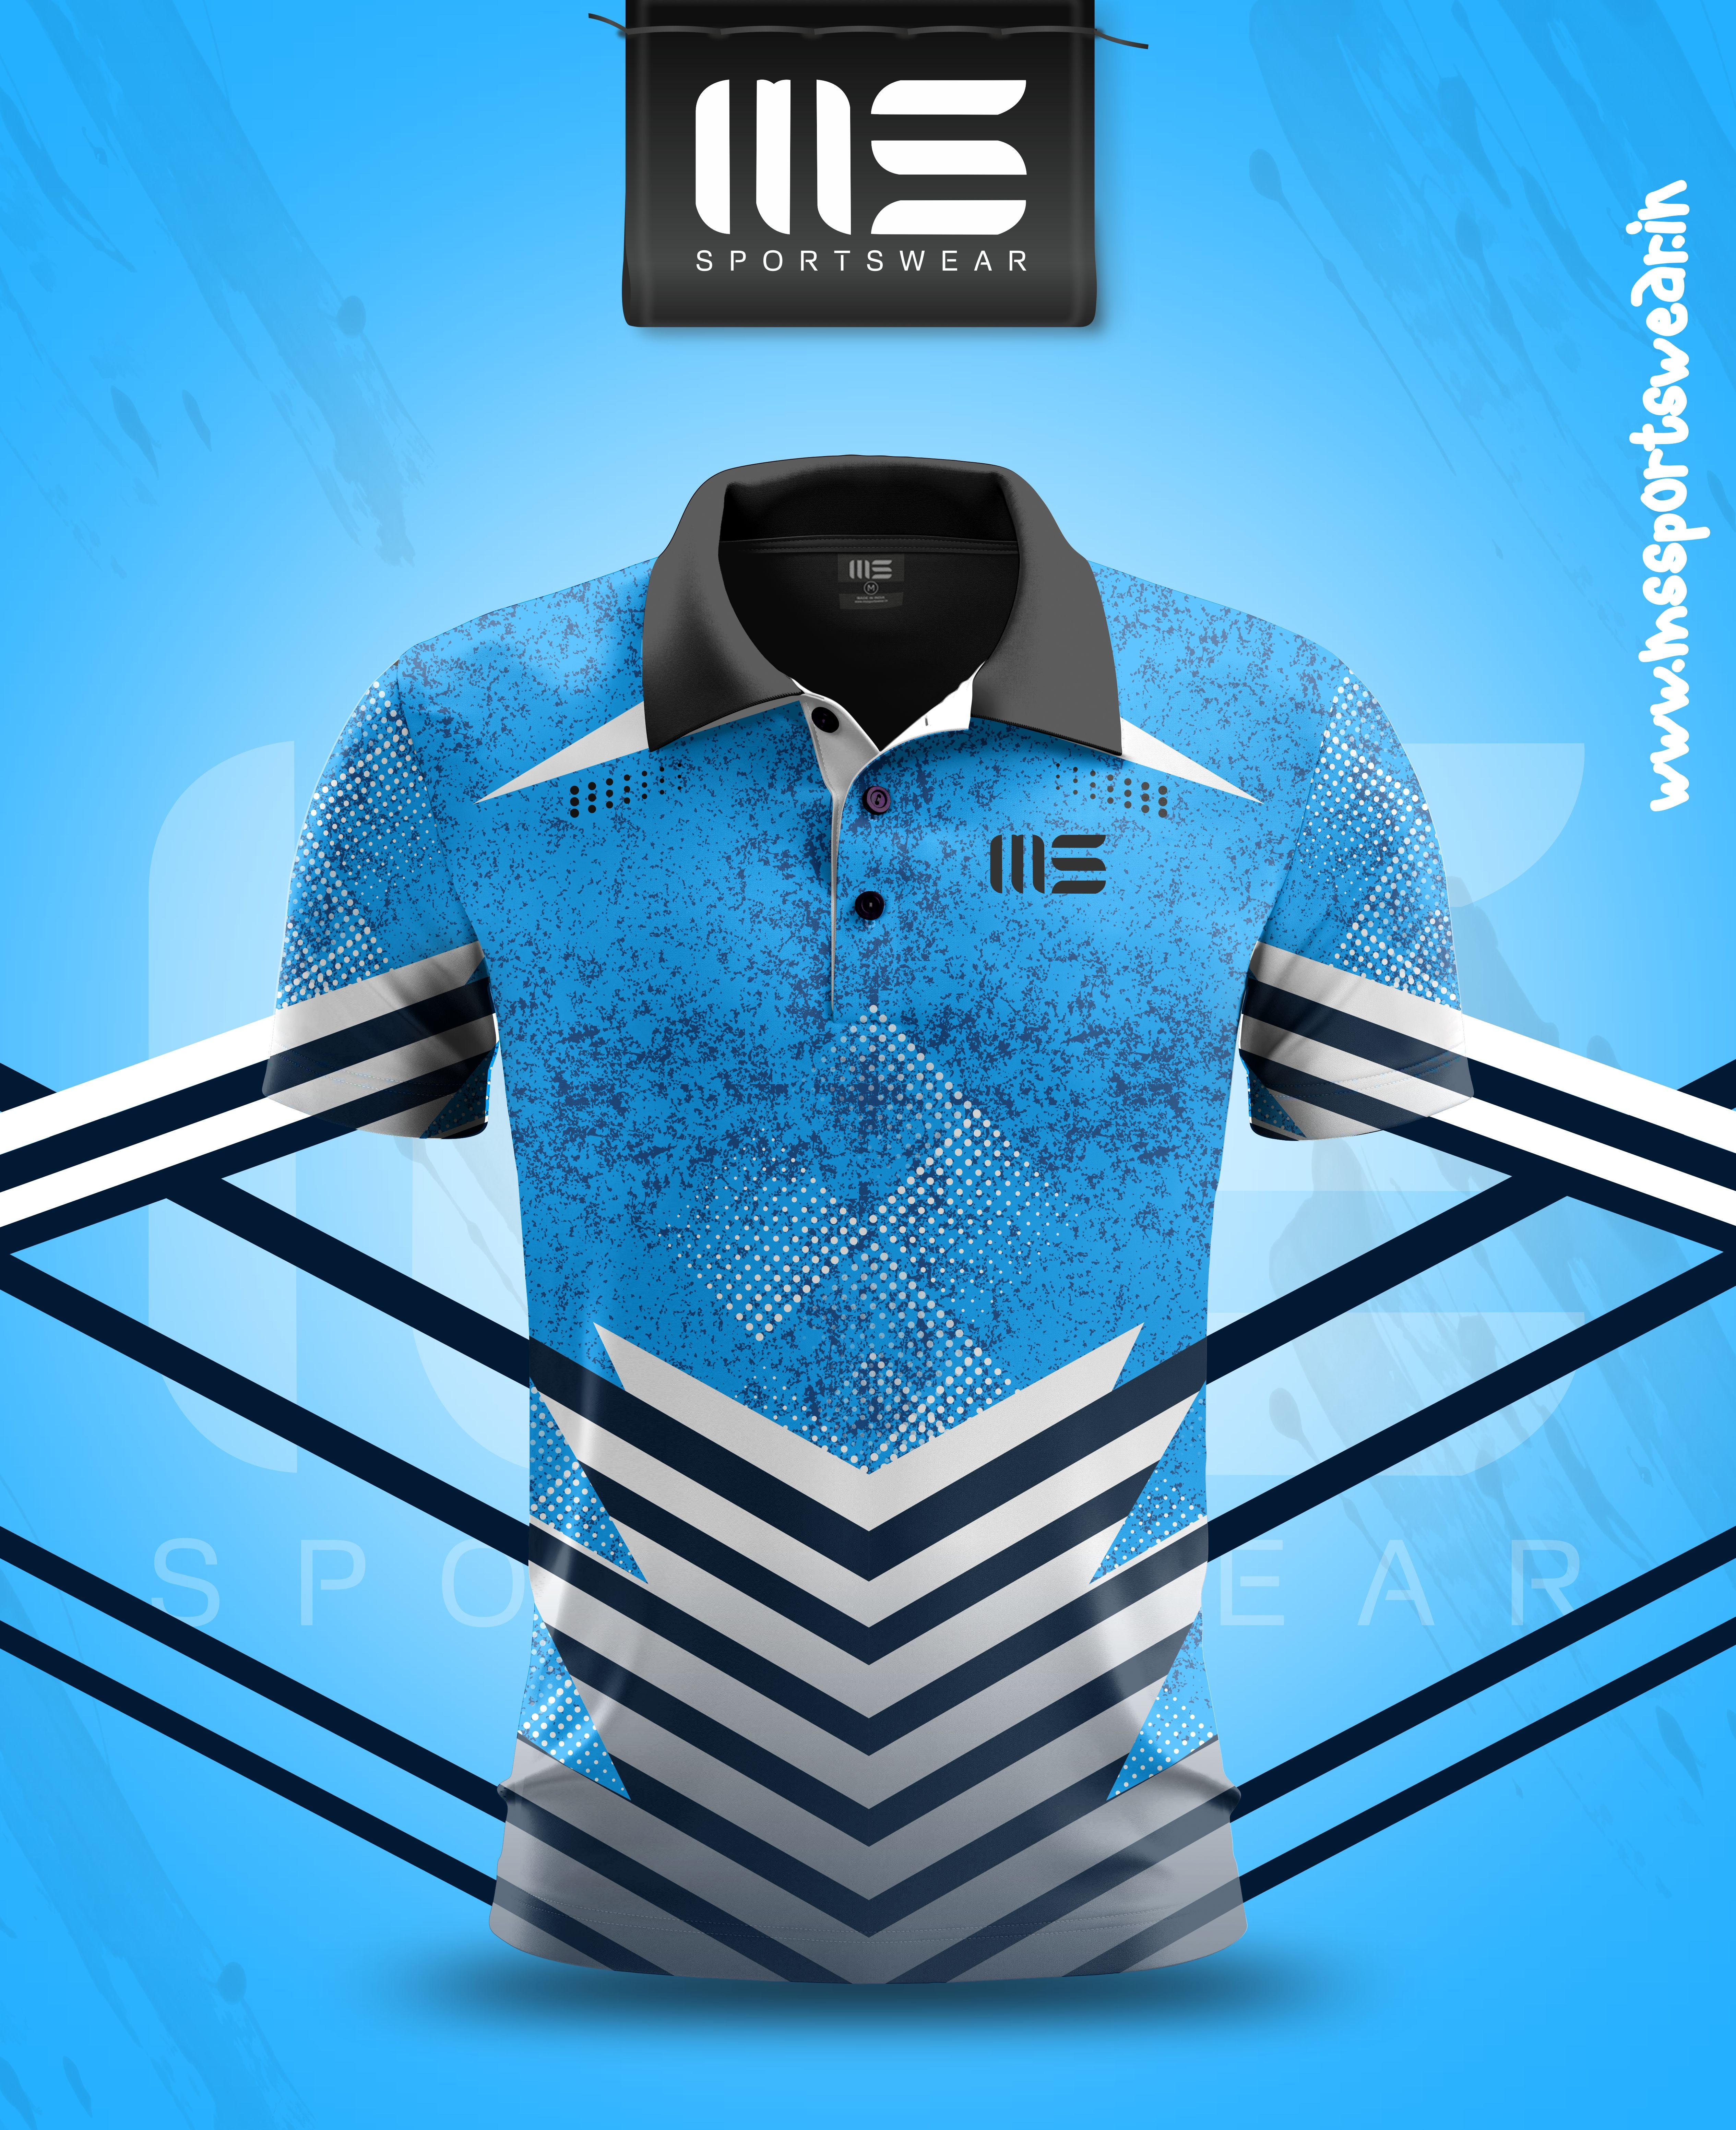 Ms Concept In 2020 Sport Shirt Design Football Shirt Designs Sports Jersey Design